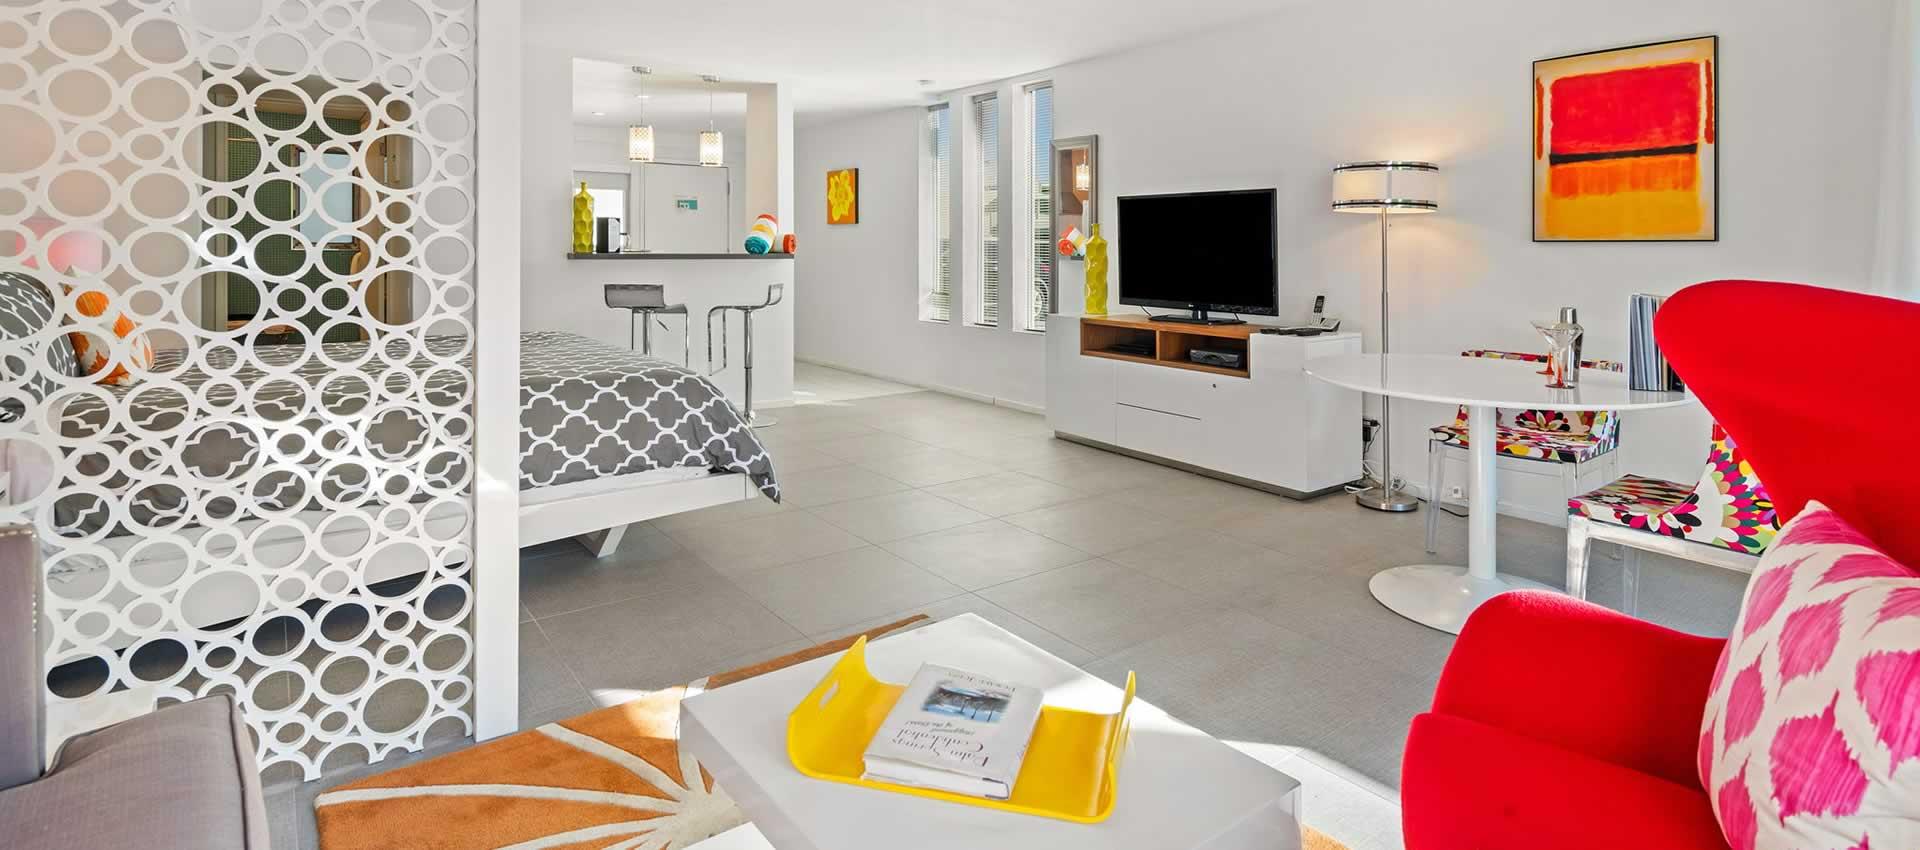 Studio 103 ADA - Room View